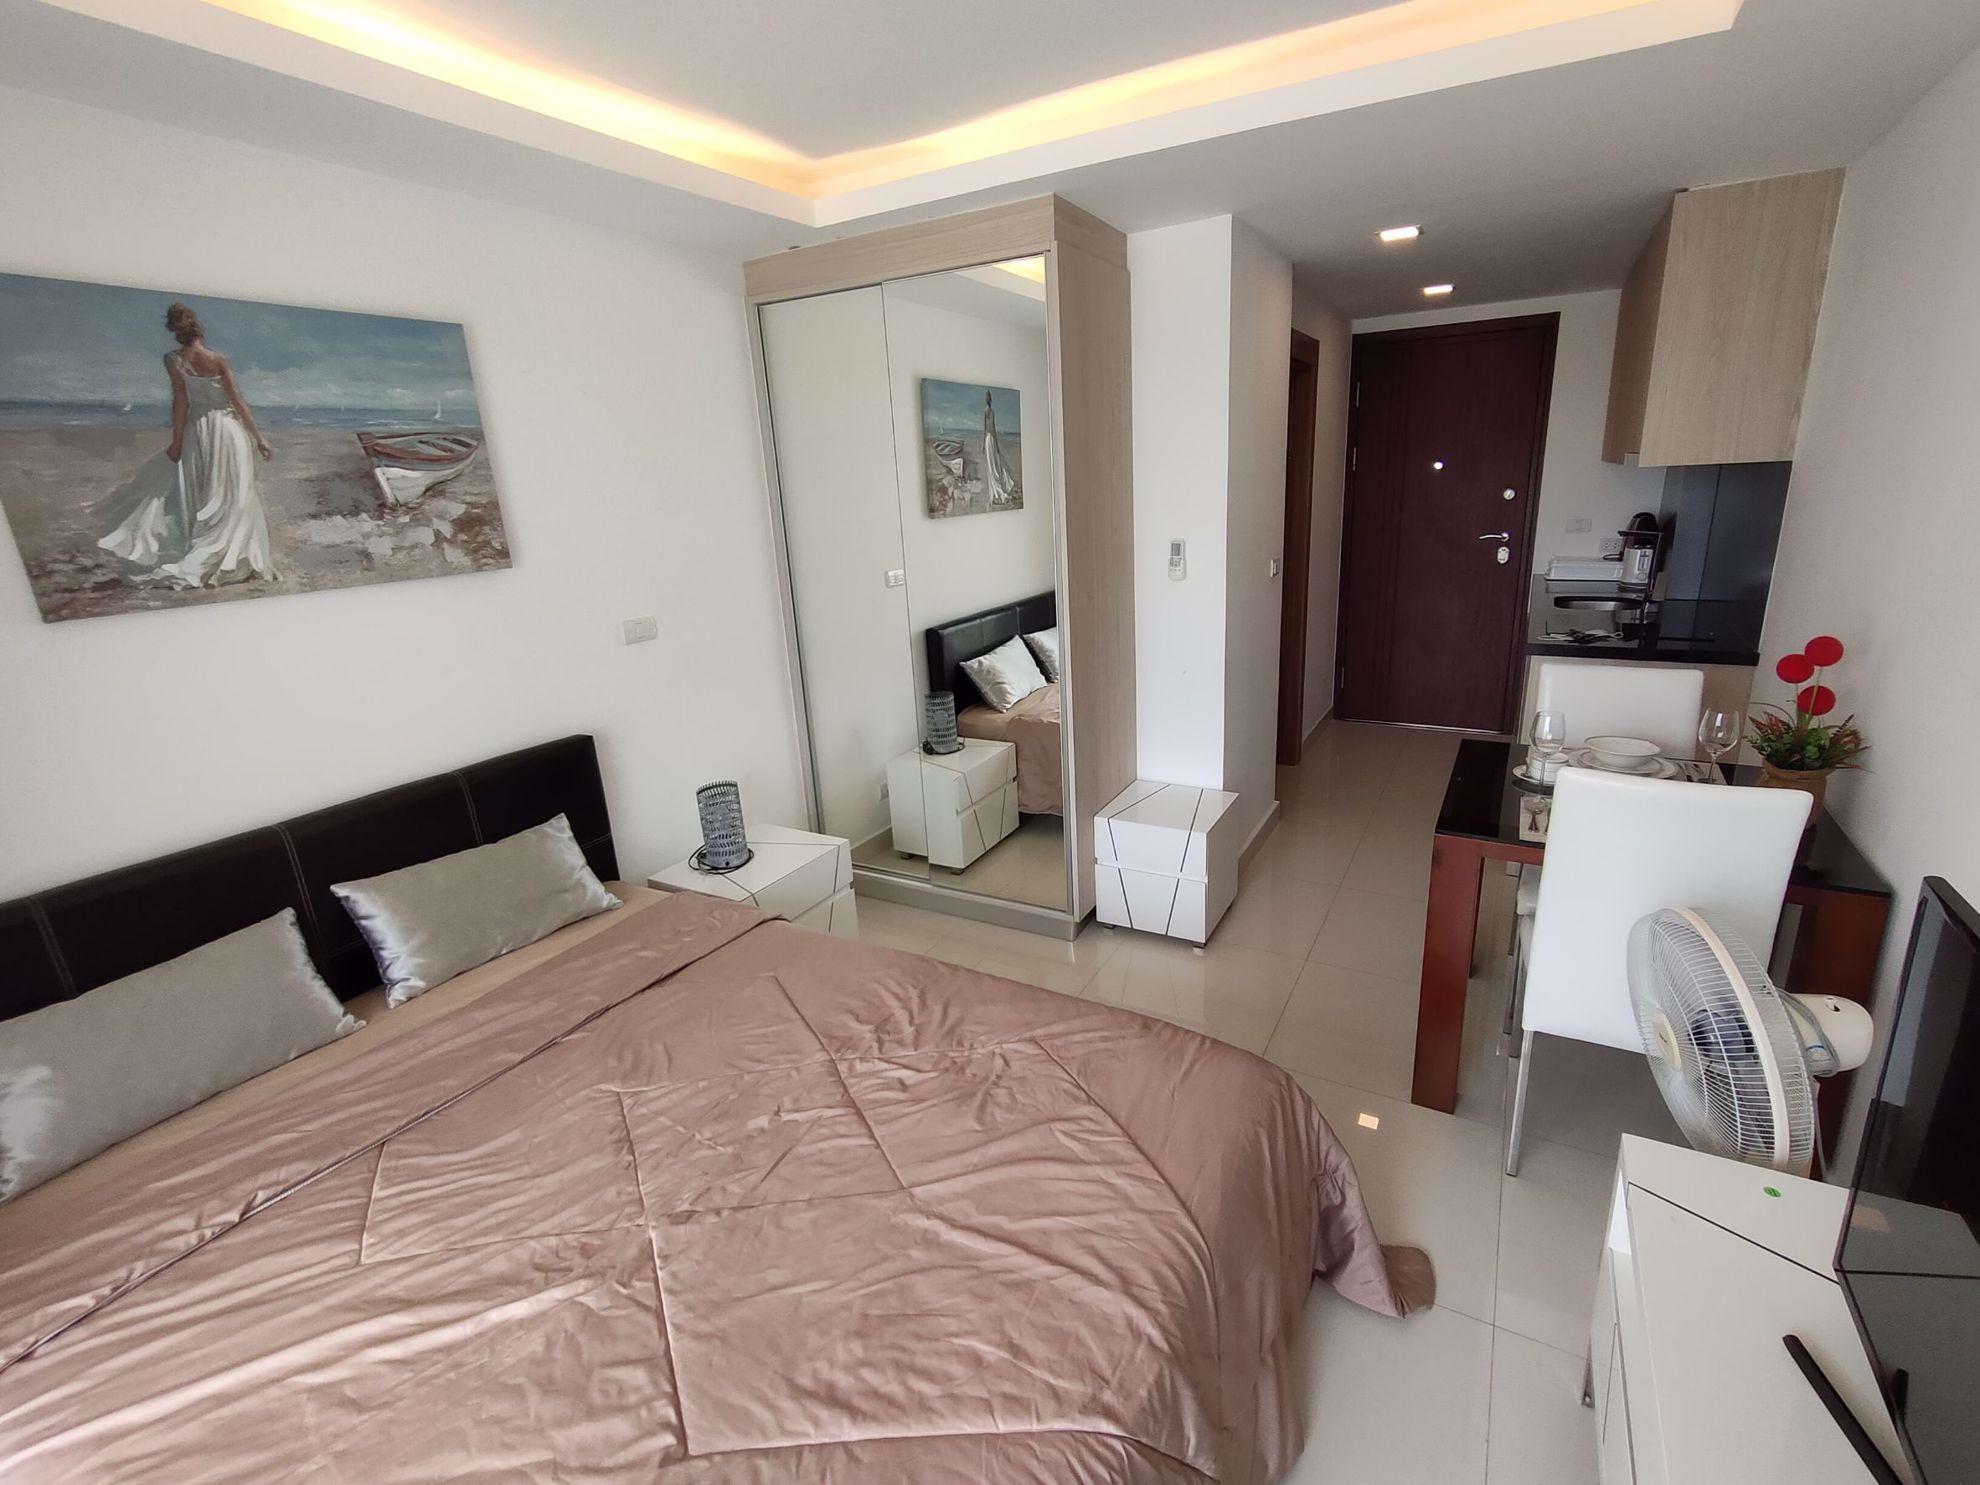 Picture of Studio bed in Condo in Laguna Beach Resort 3 The Maldives in Jomtien C000335